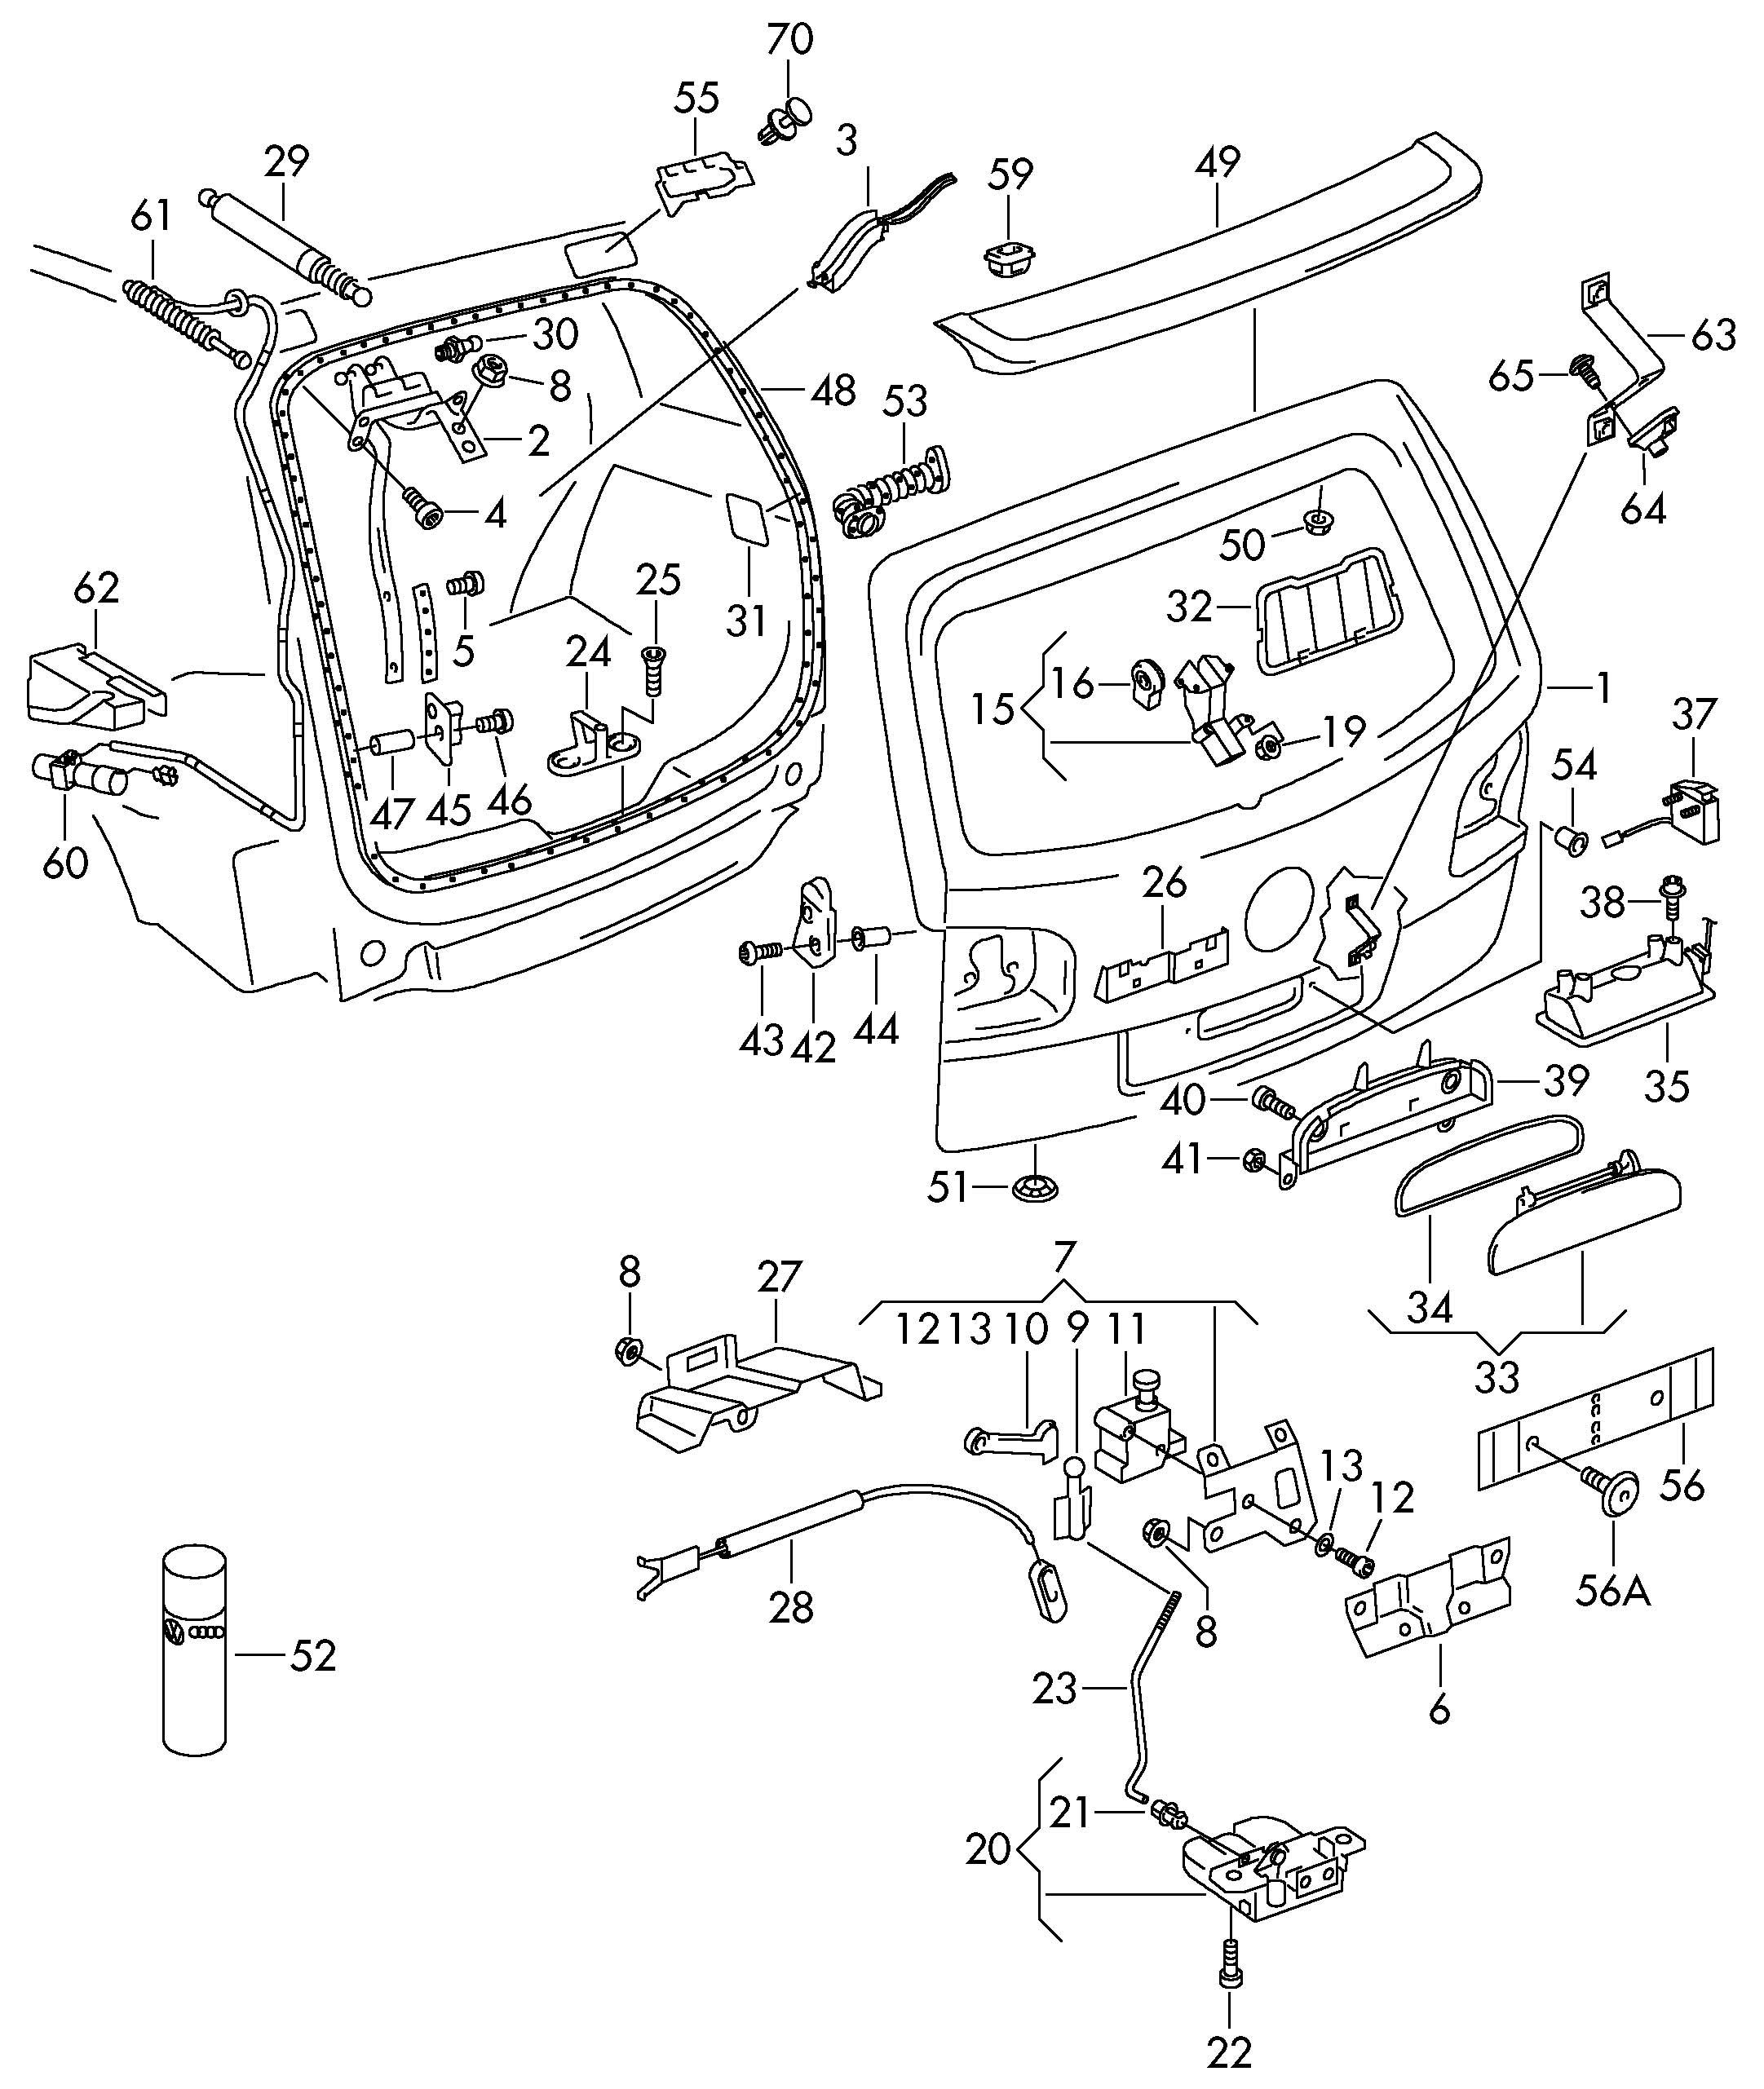 Chrysler Fuse Box Manual Wiring Diagram Schemes. Chrysler